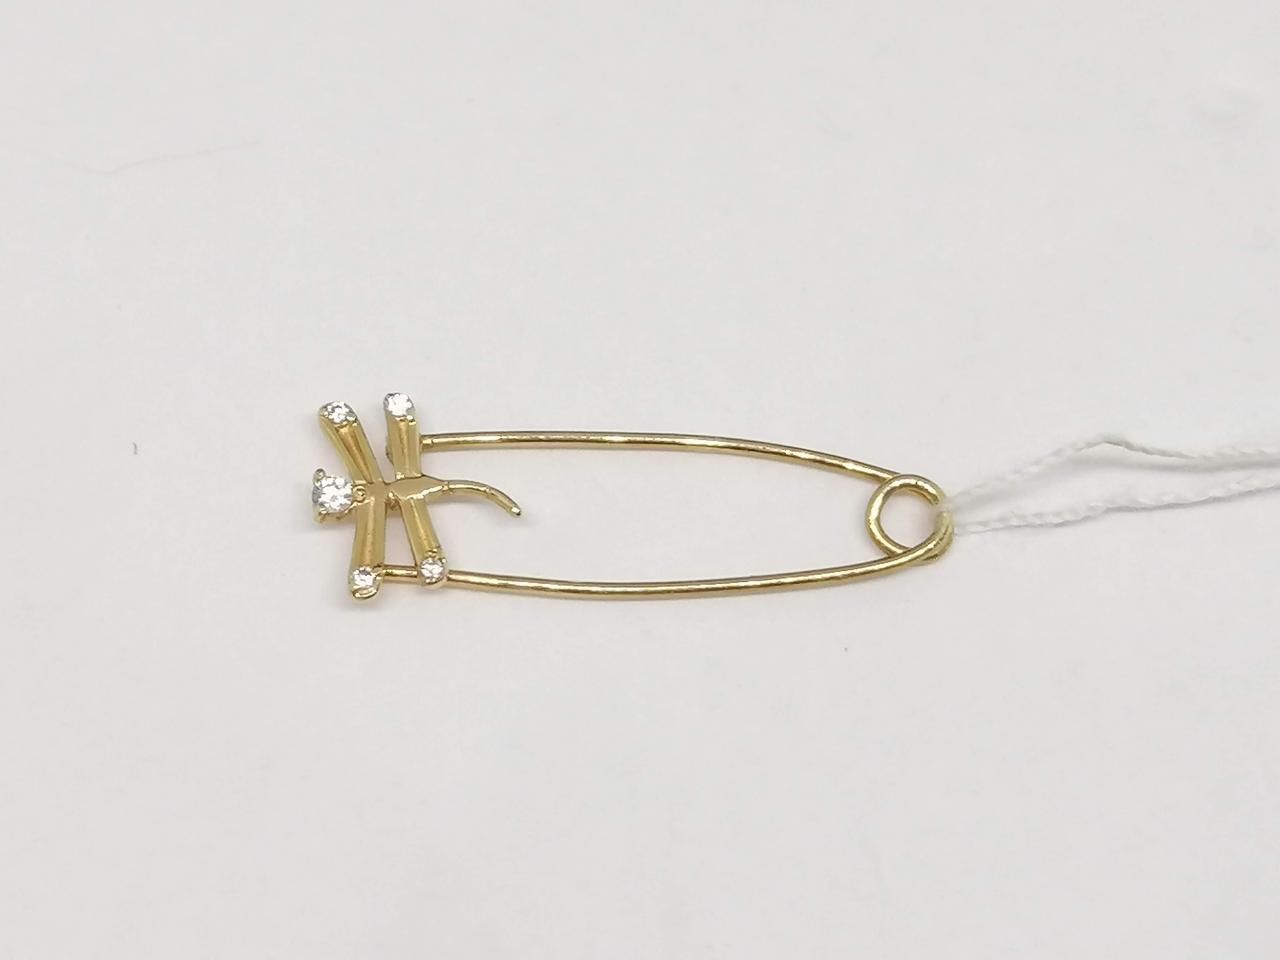 Золотая брошь-булавка с фианитами. Артикул 160307